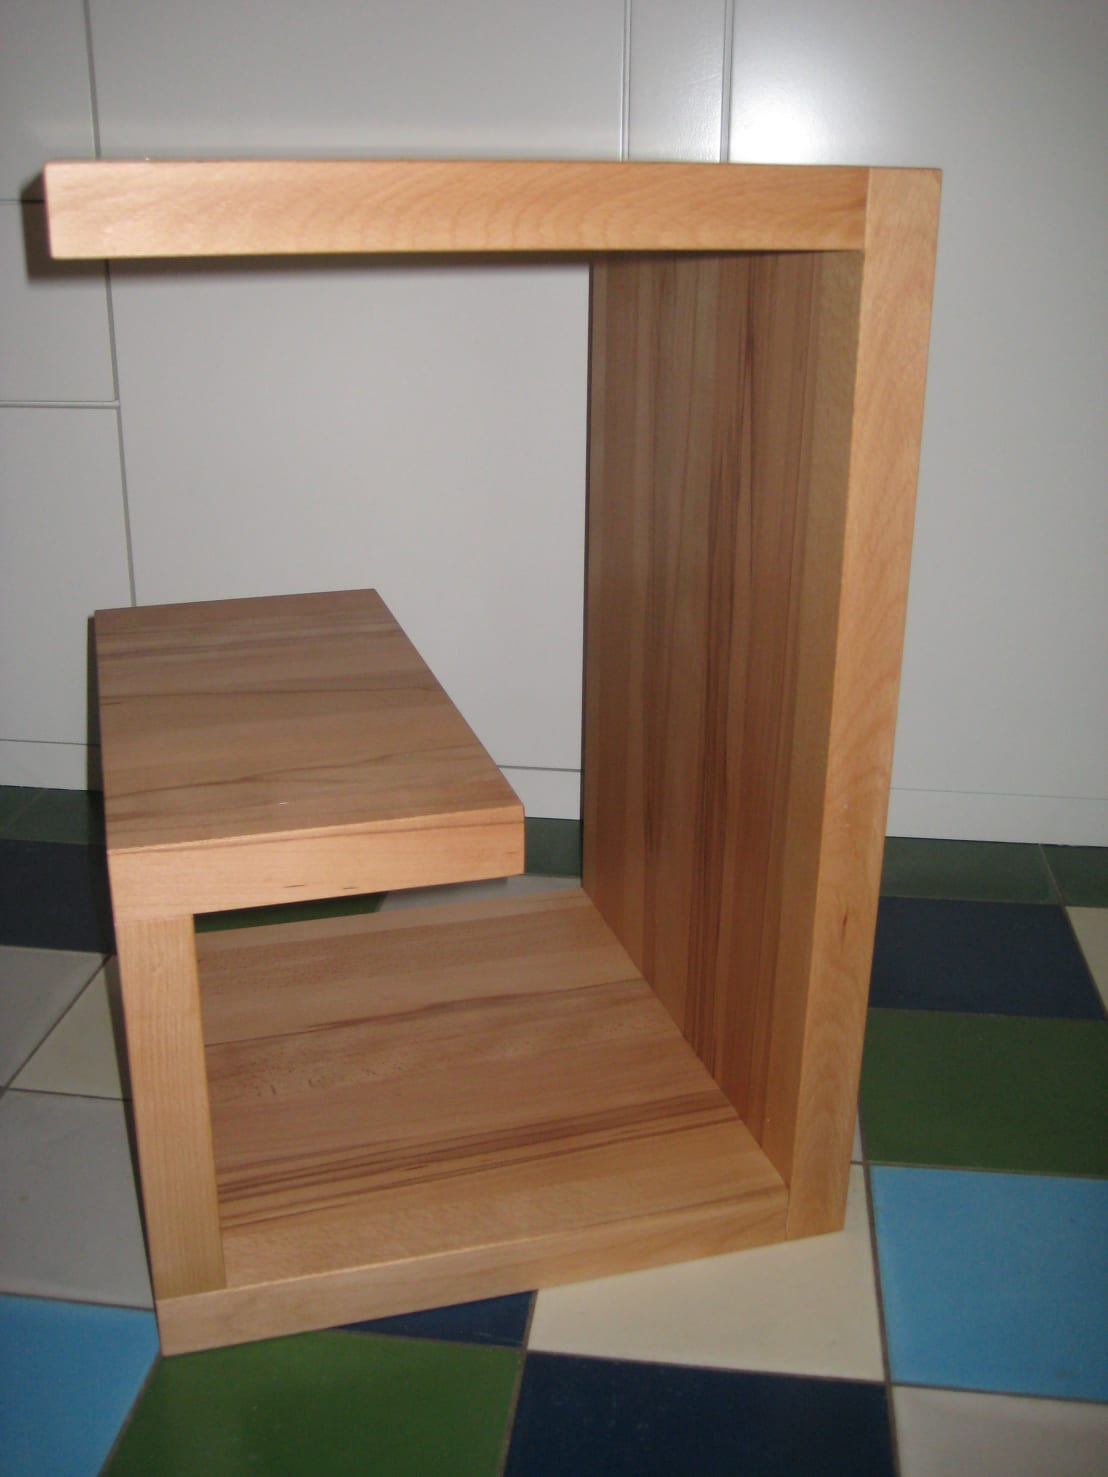 schreinerei lothar schulz couchtisch beistelltisch in schneckenform kernbuche ge lt homify. Black Bedroom Furniture Sets. Home Design Ideas